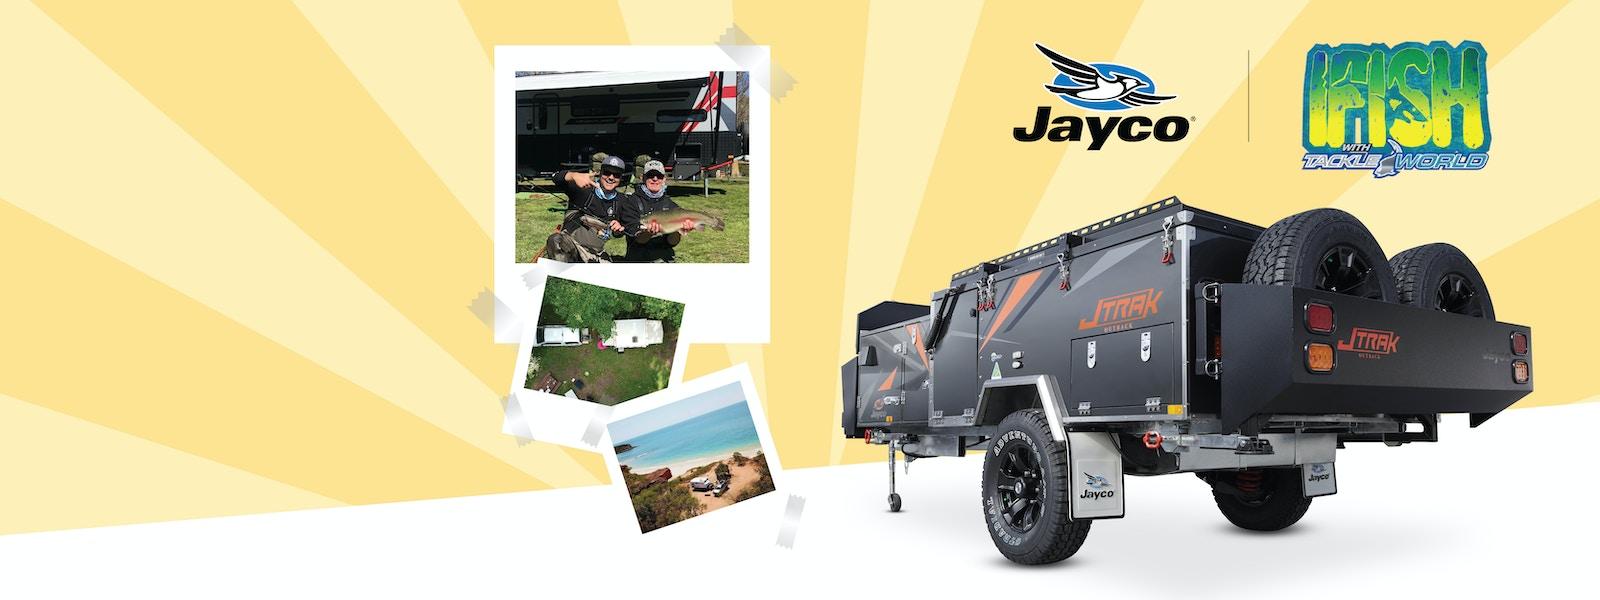 Jayco iFish TV promo 2019